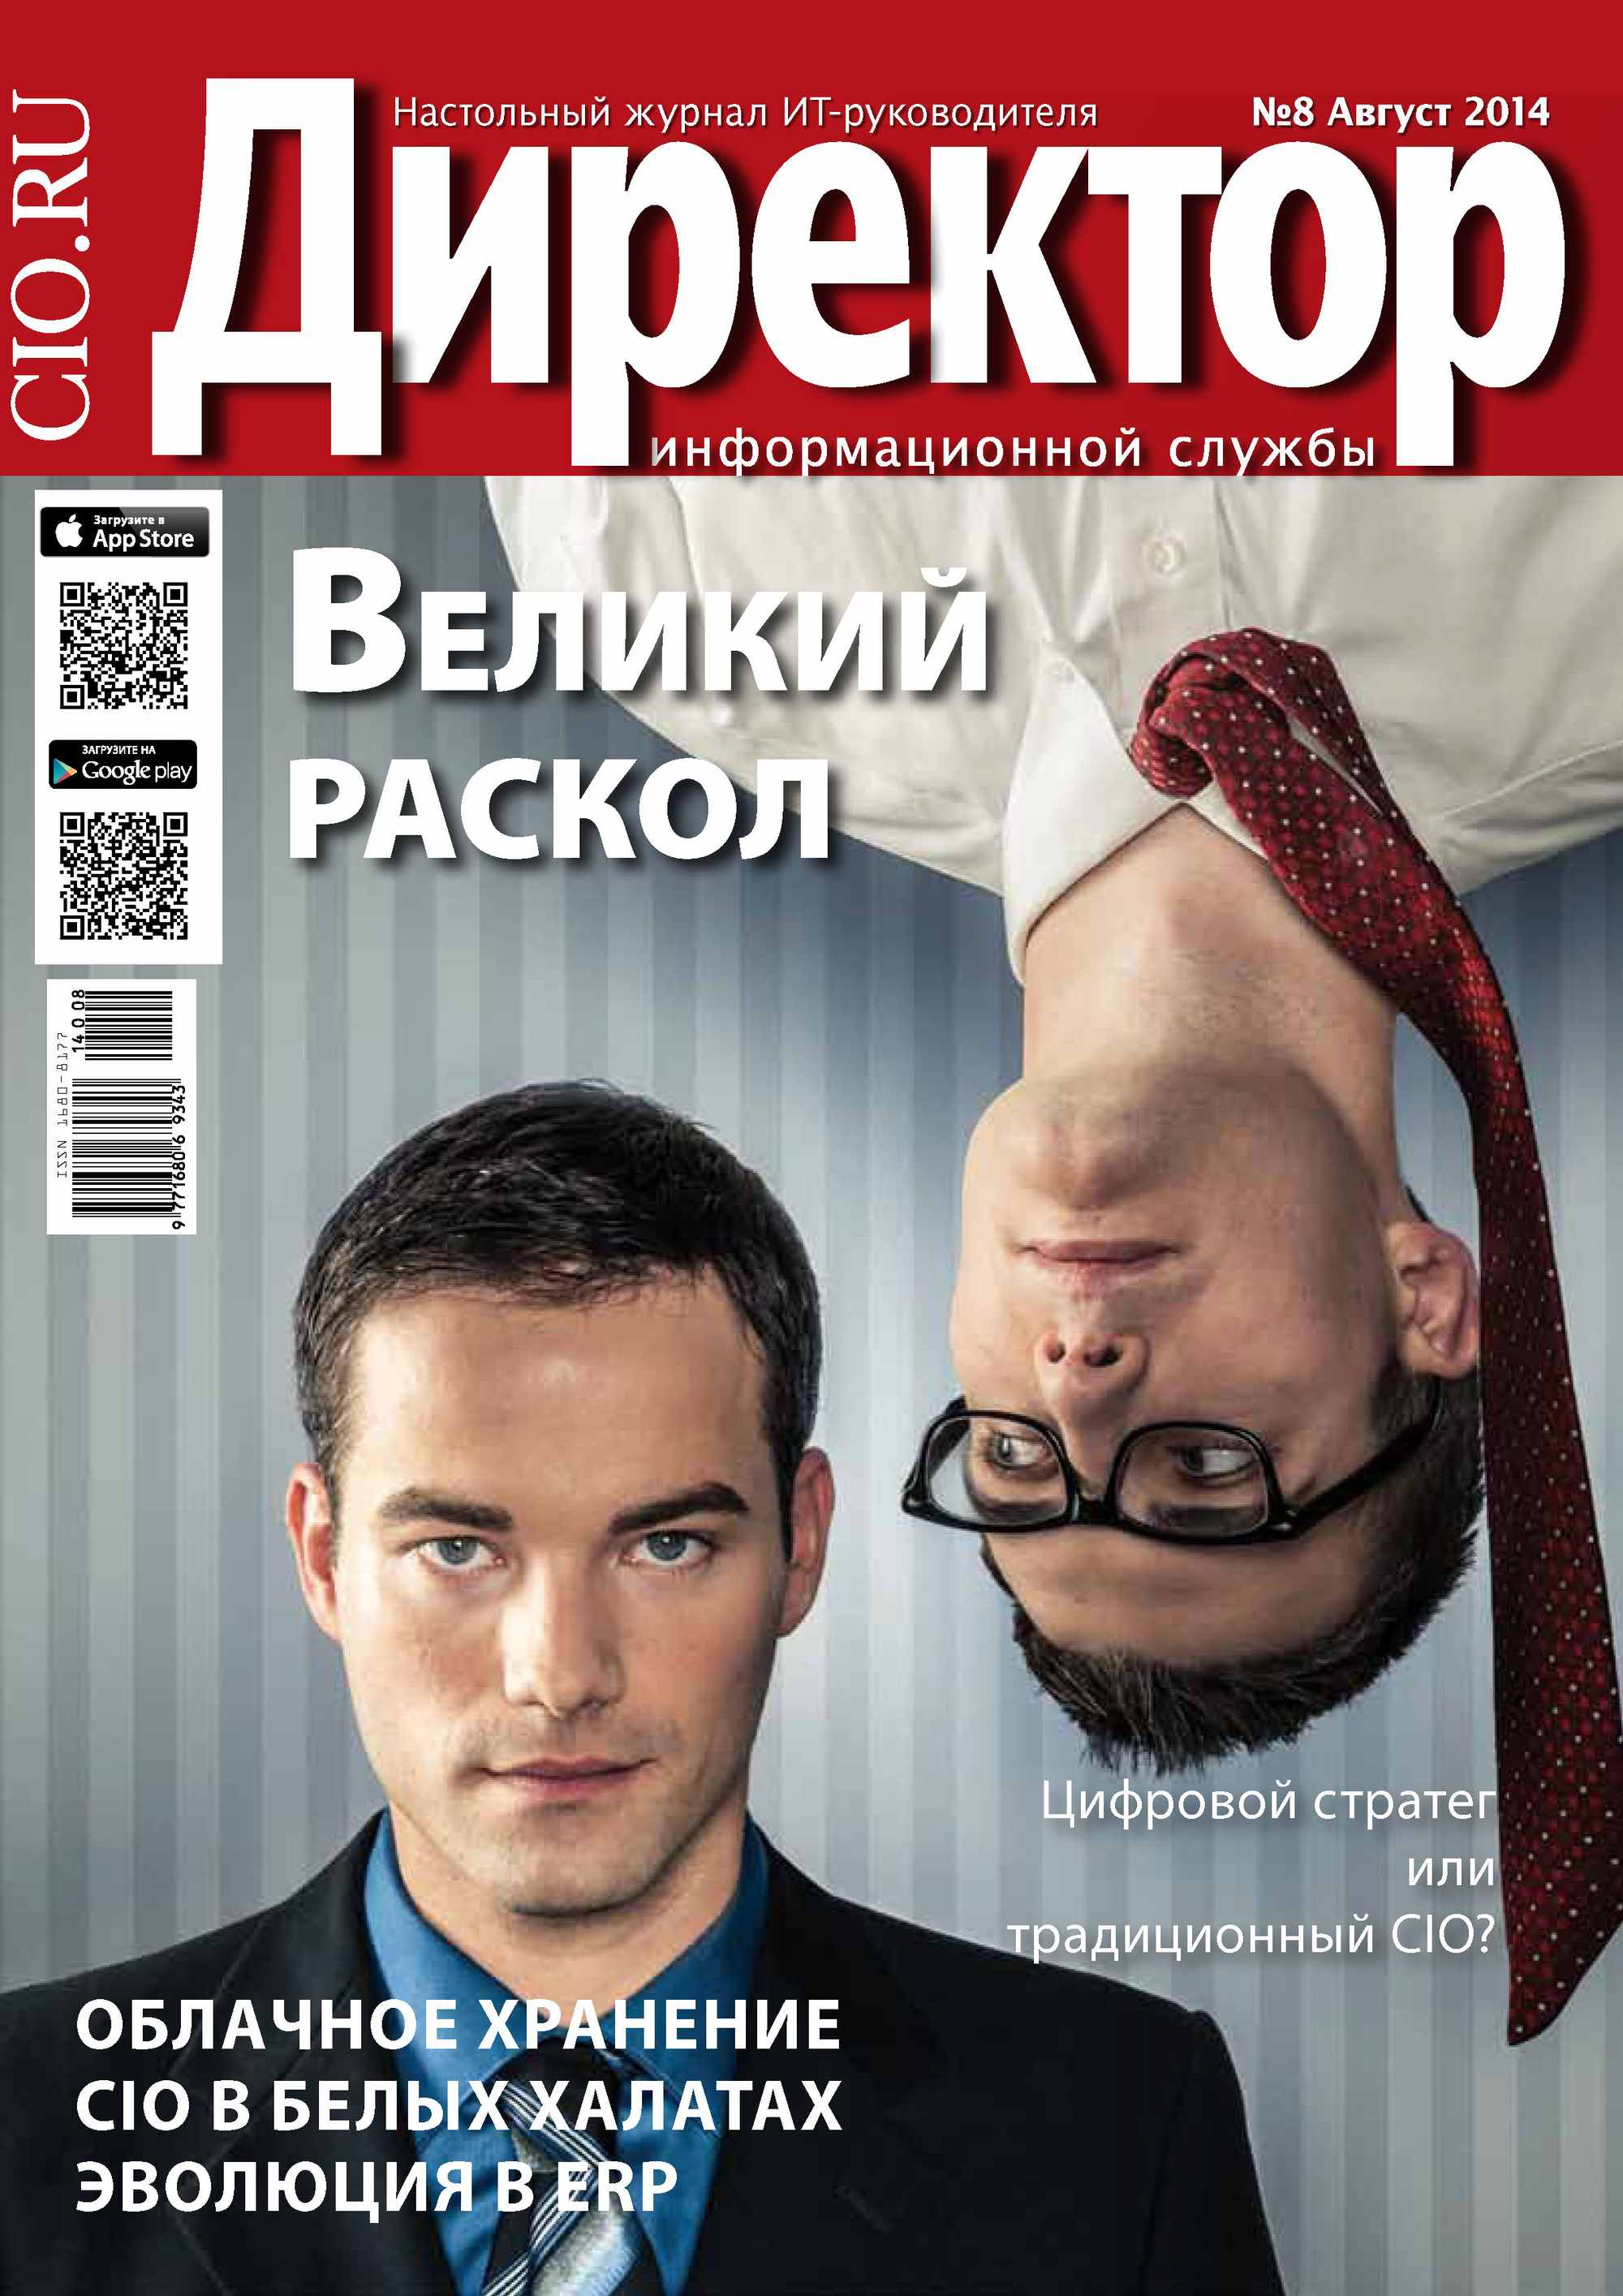 Открытые системы Директор информационной службы №08/2014